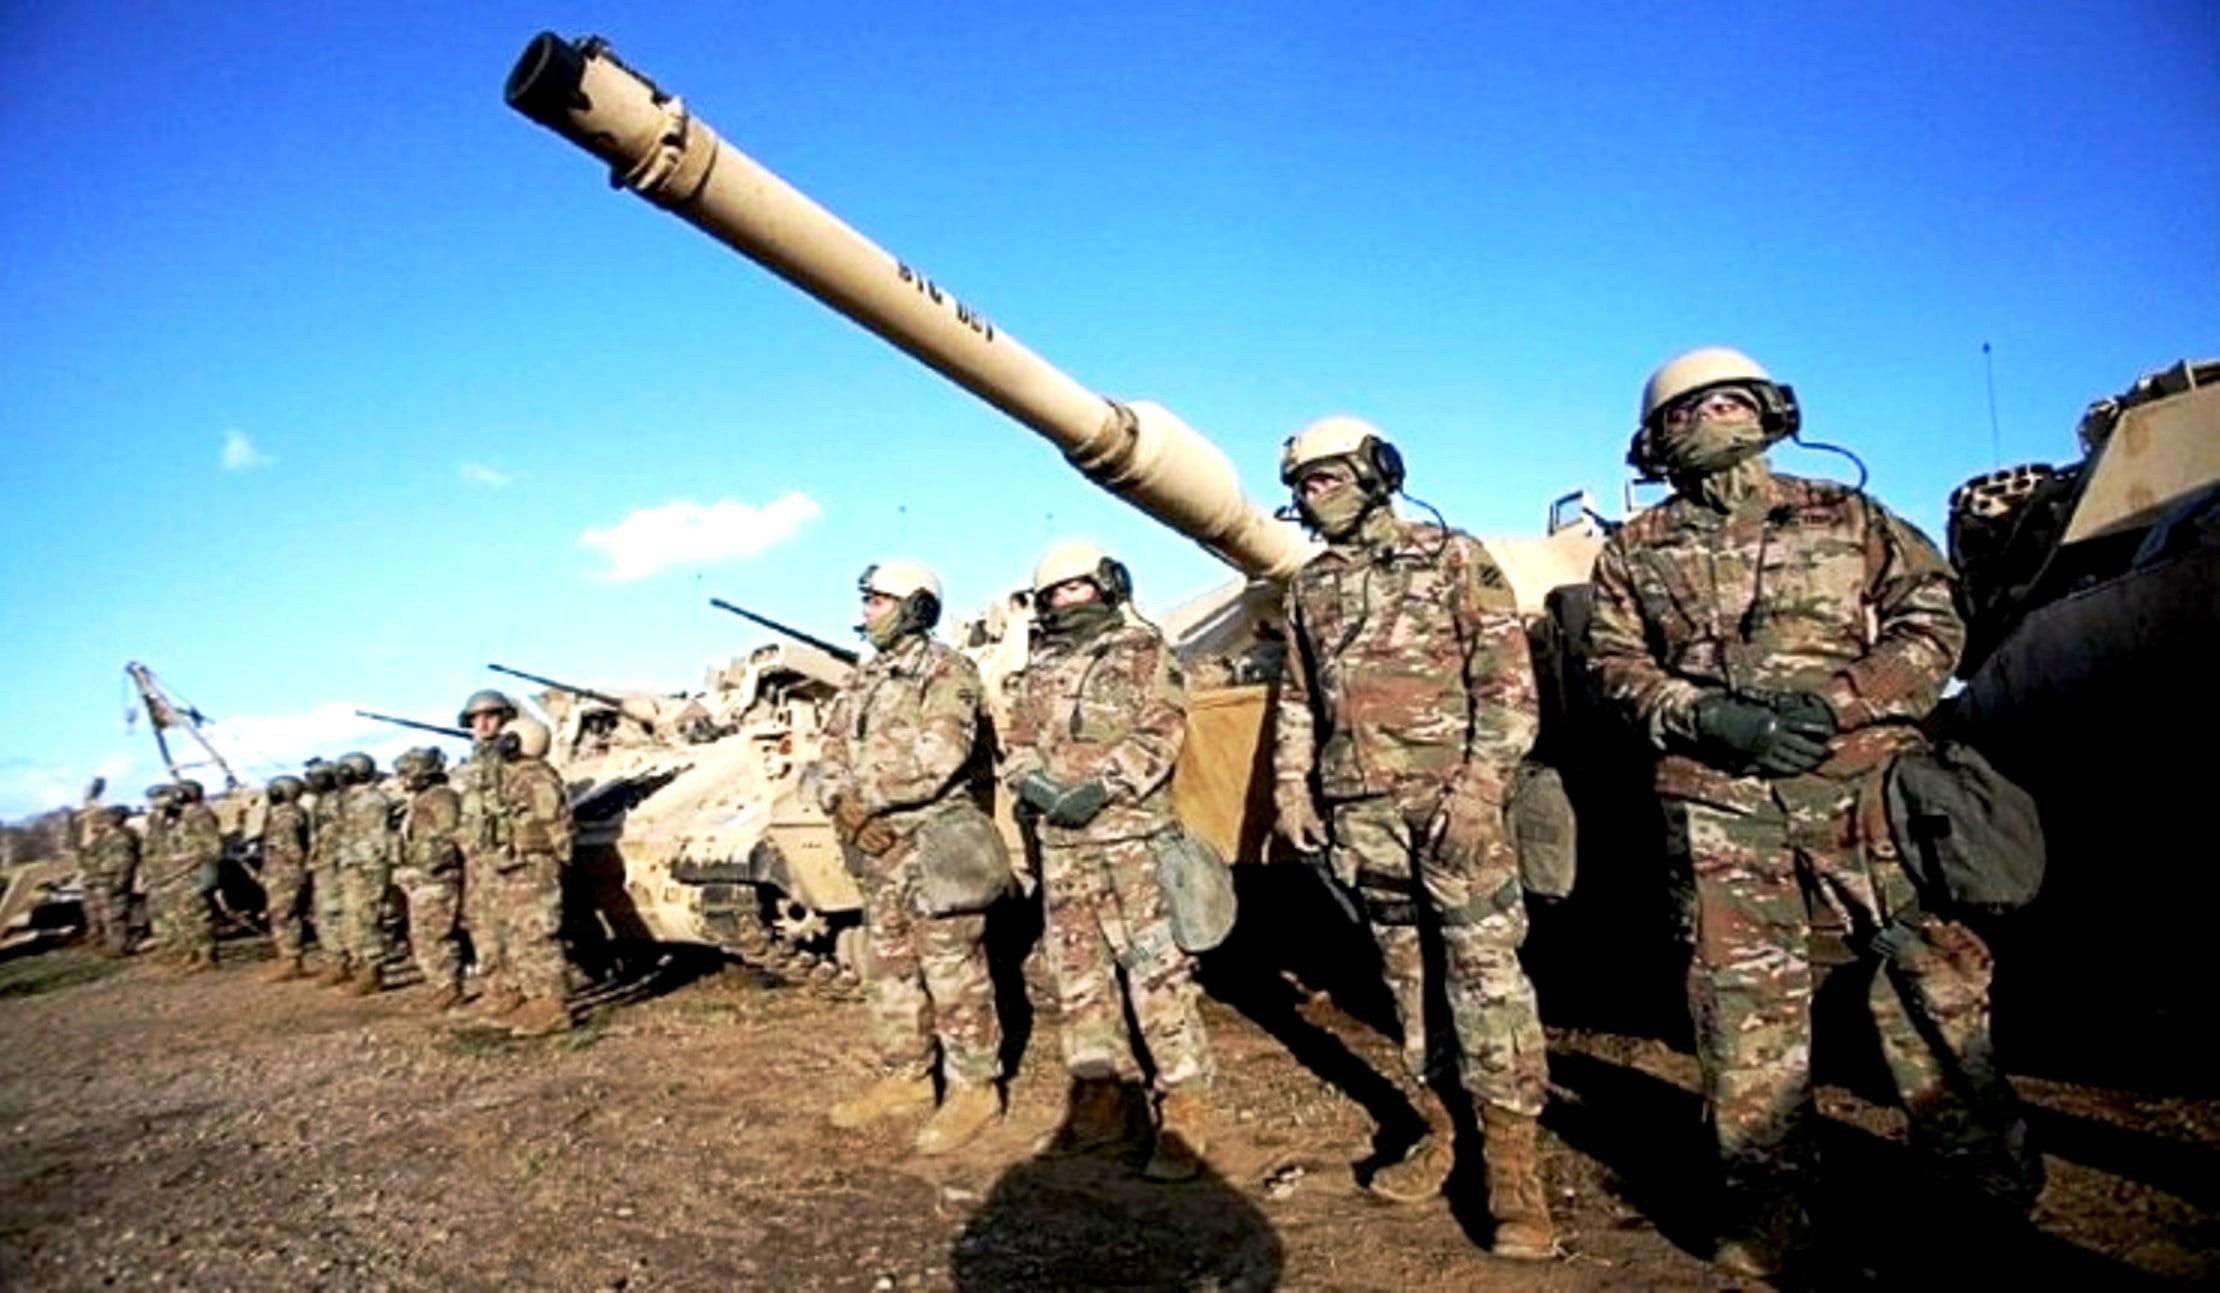 Η Ευρώπη Γήπεδο Ασκήσεων της Στρατηγικής ΗΠΑ/ΝΑΤΟ